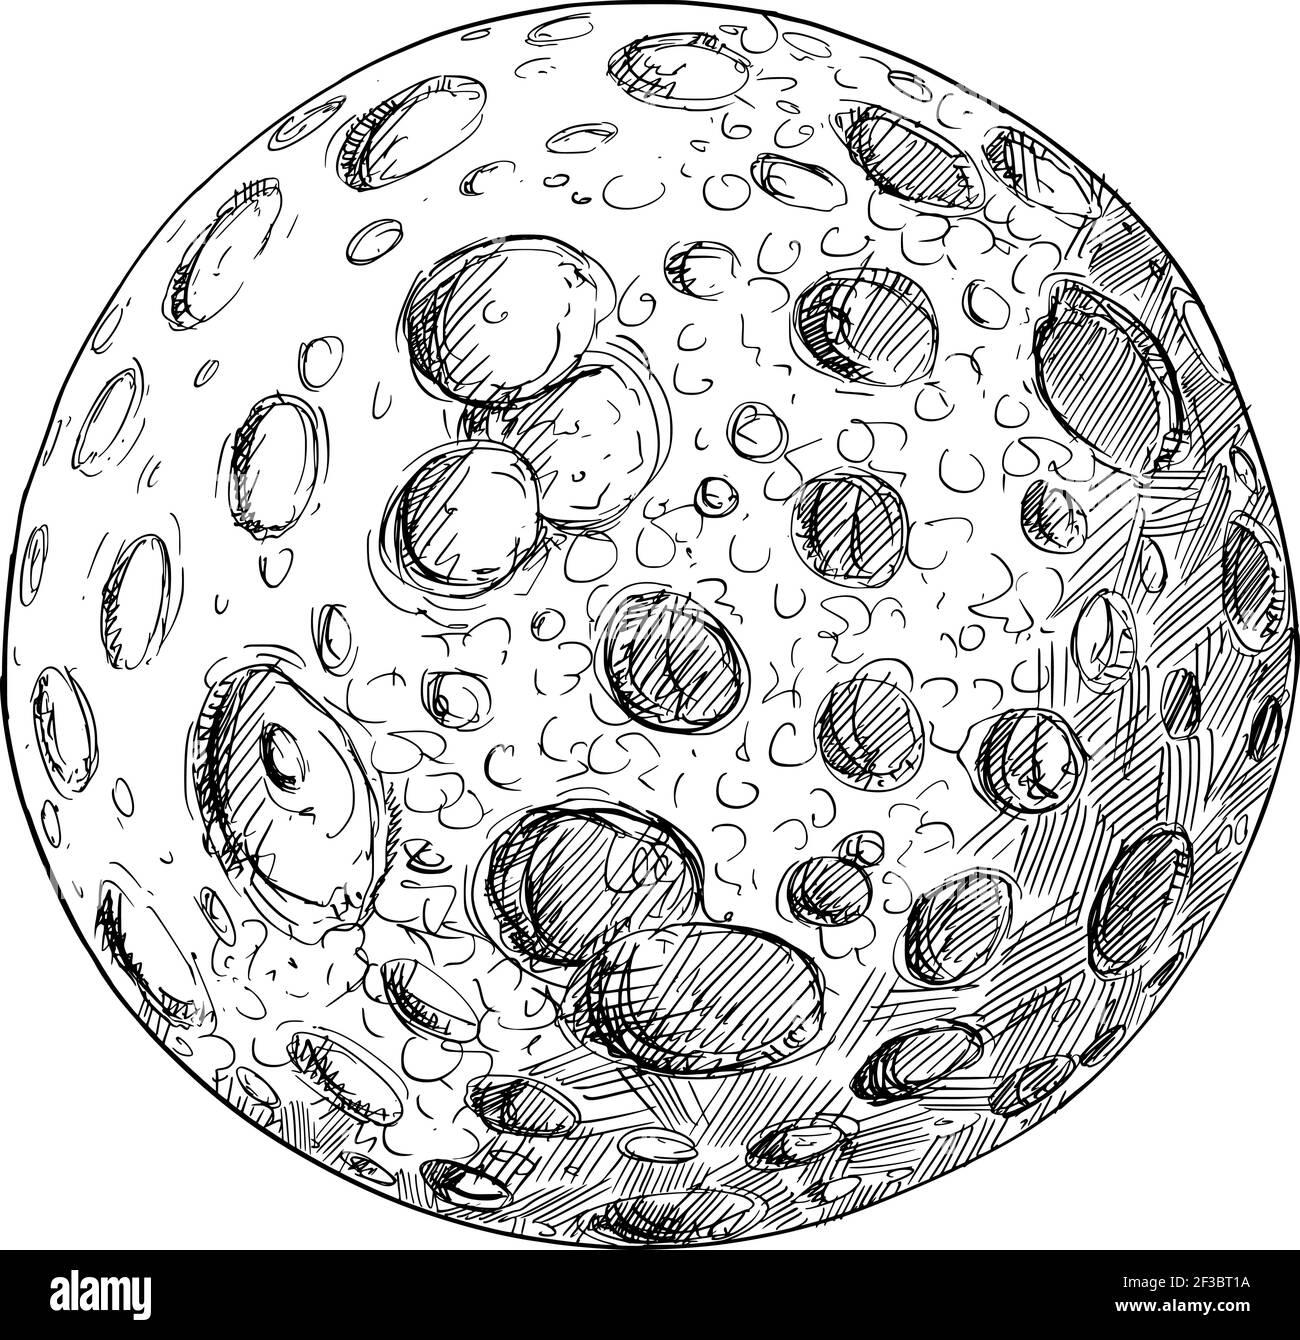 Planeta o Luna Planetaria llena de cráteres de impacto.dibujo a mano y. Ilustración Ilustración del Vector